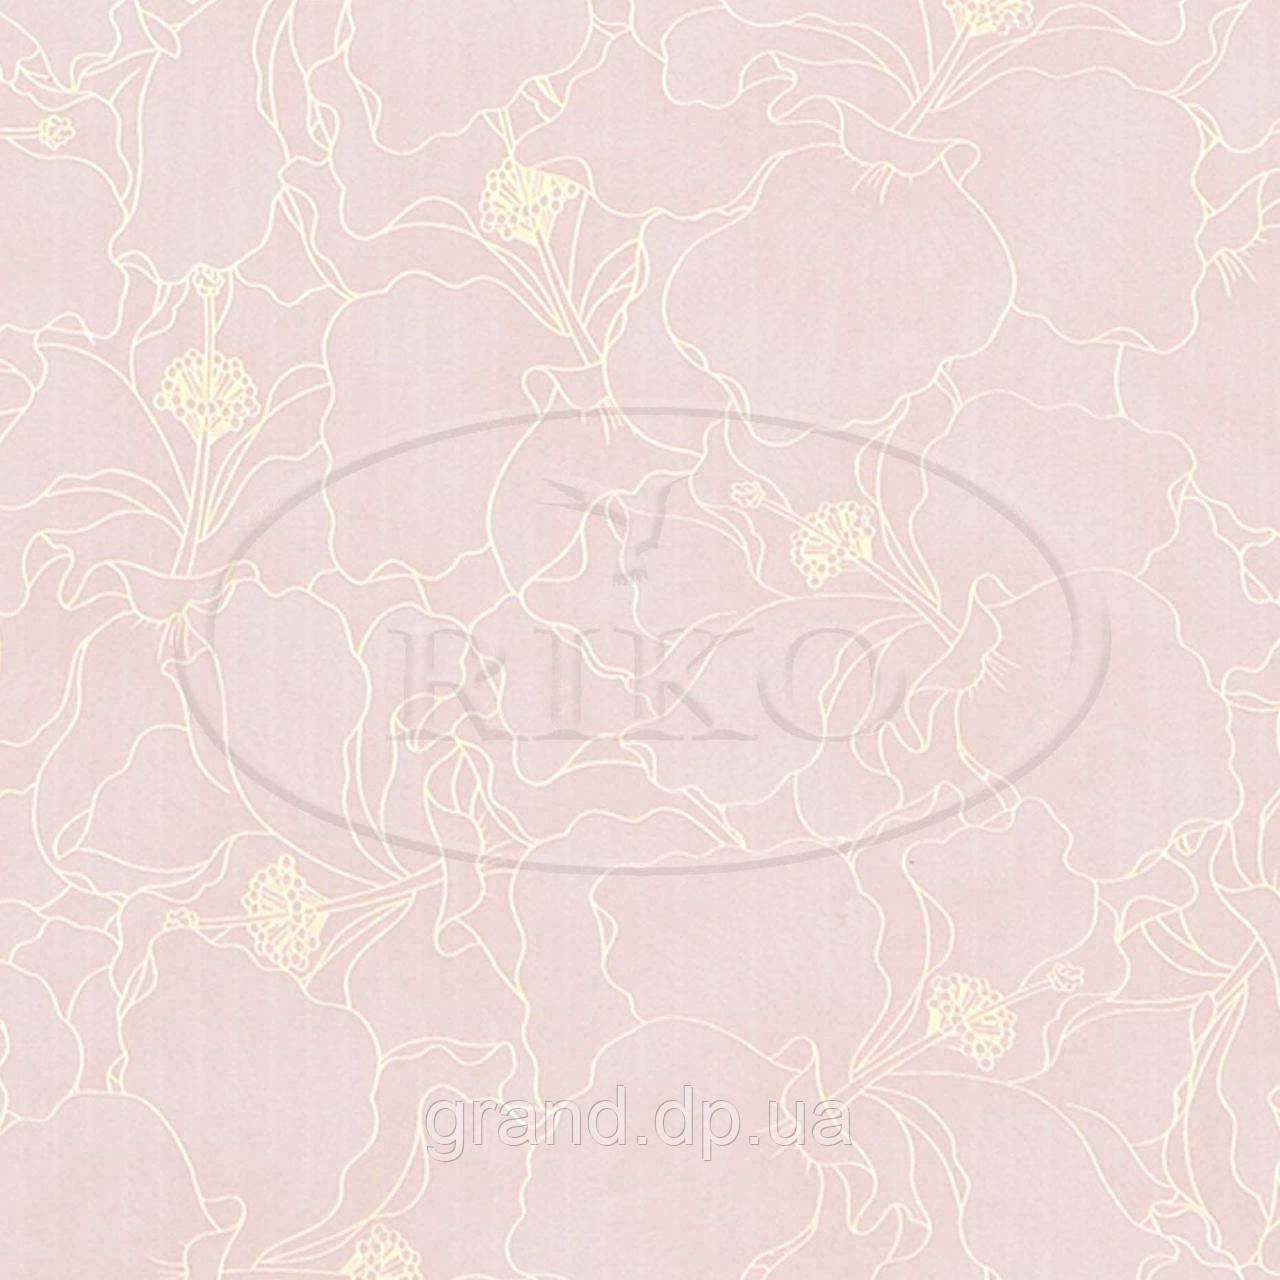 Пластиковые декоративные панели ПВХ Рико(Riko) 250*7*3000мм орхидея оранжевая  с Термопереводом бесшовные